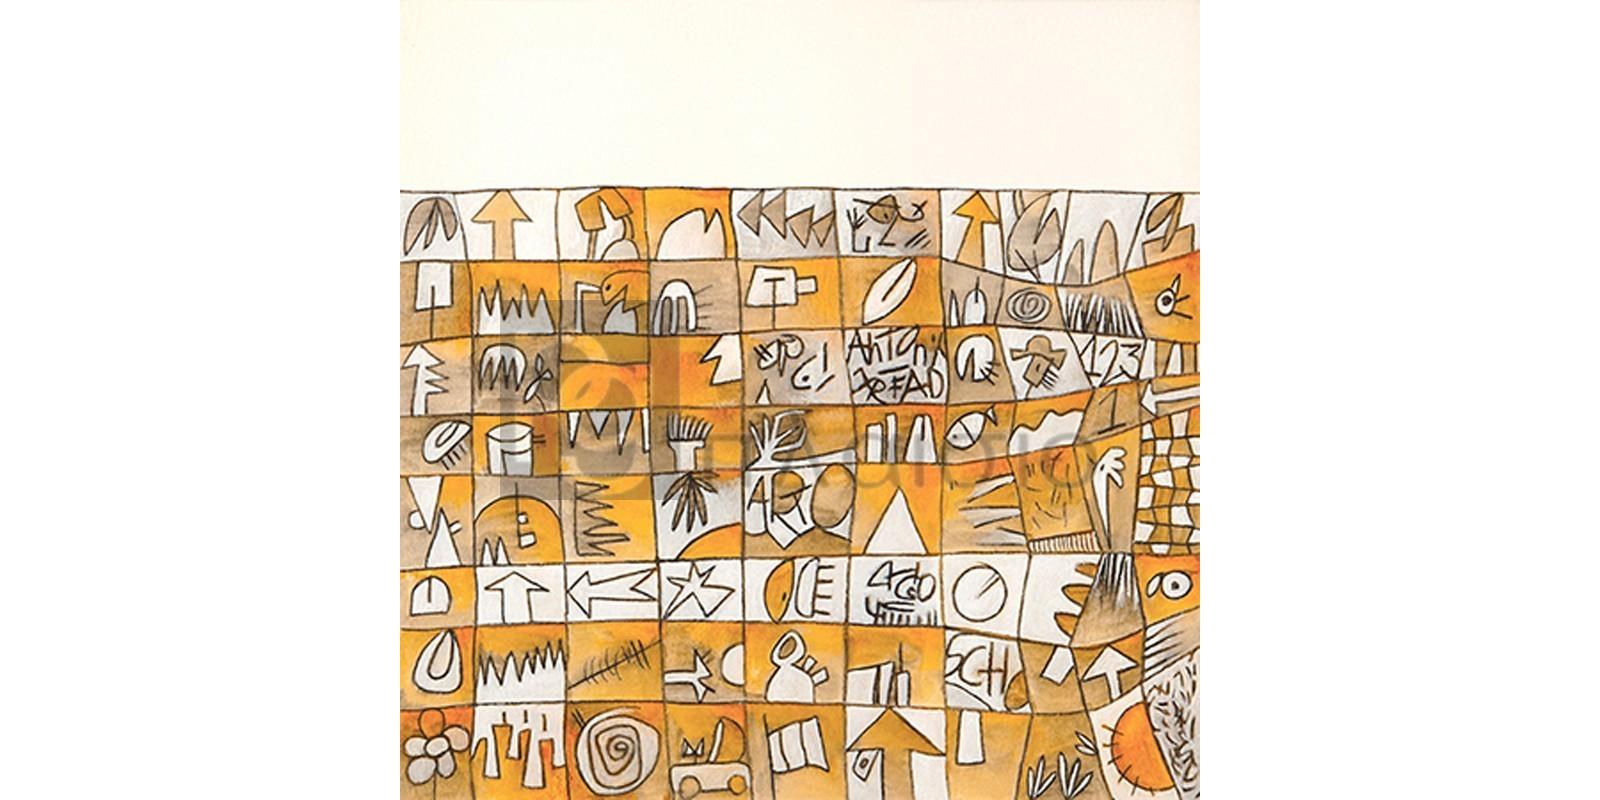 Vittorio Teruzzi - Senza Titolo III (Artaud)